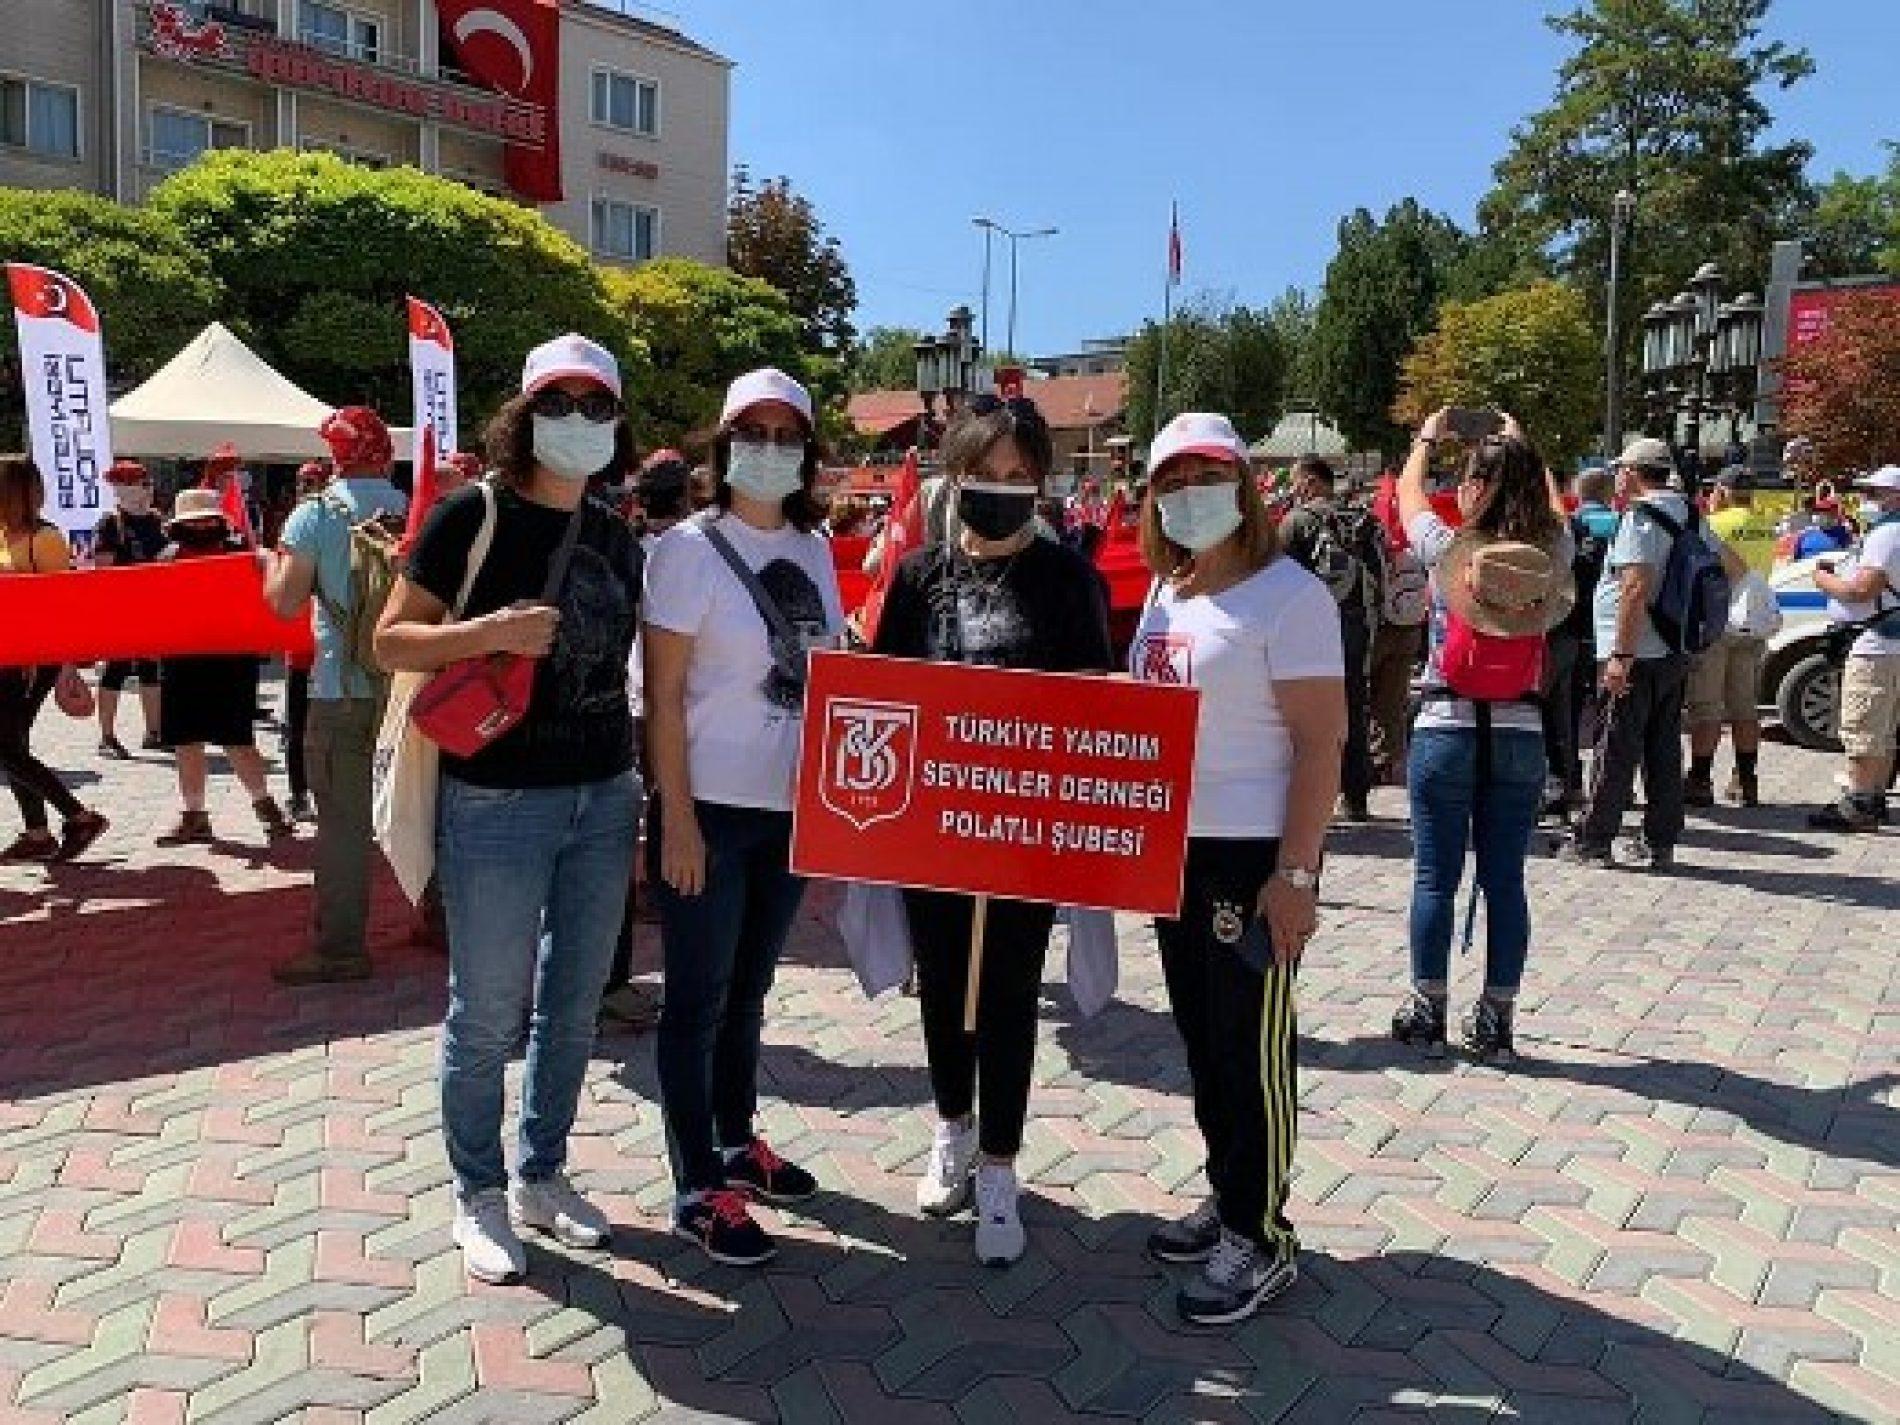 TYSD Polatlı Şubemiz Diriliş Yolu Yürüyüş Etkinliğine Katılmıştır